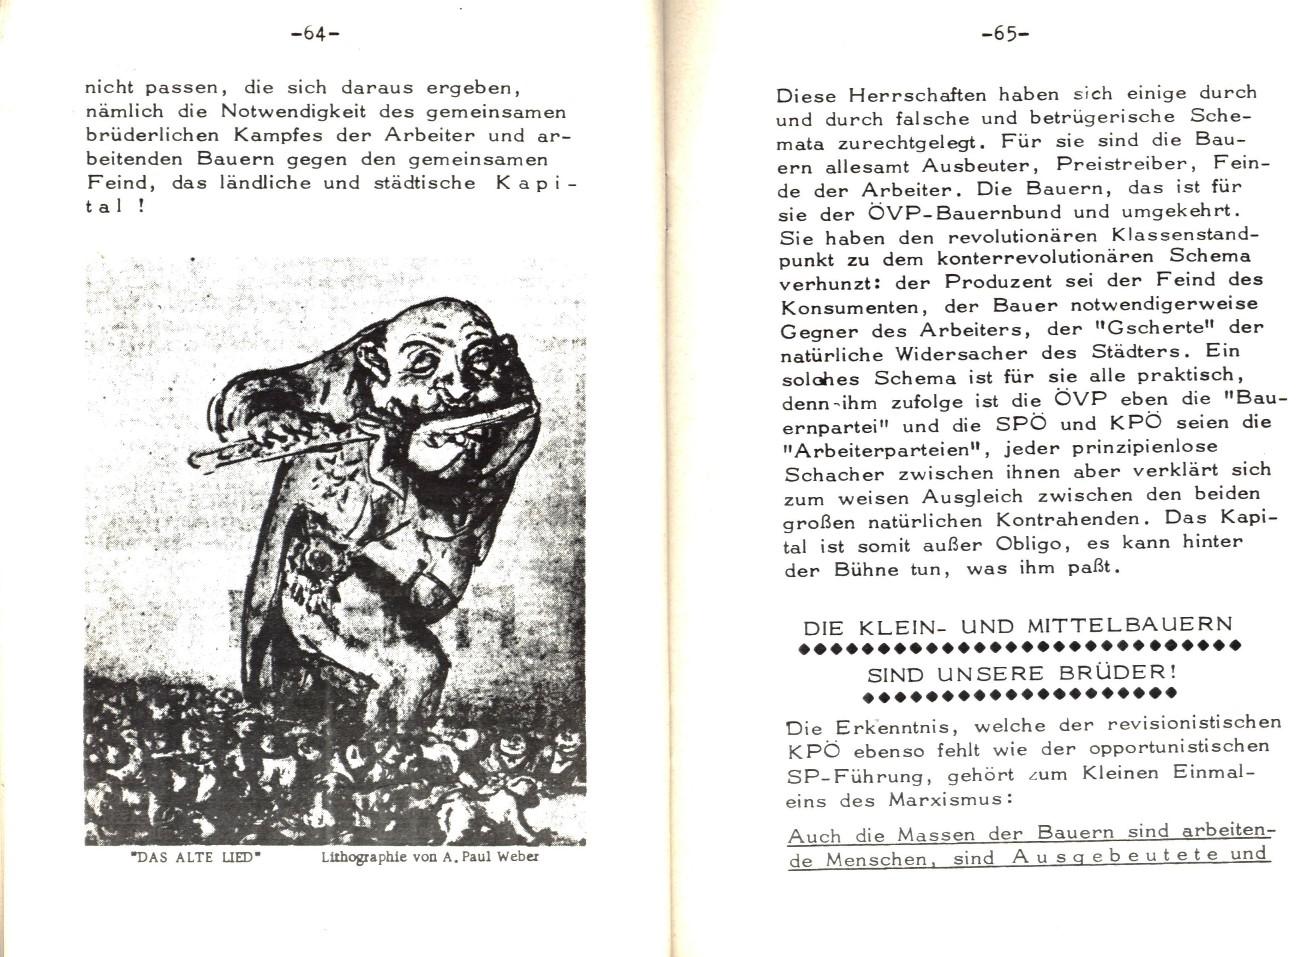 MLSK_Theorie_und_Praxis_des_ML_1978_23_36